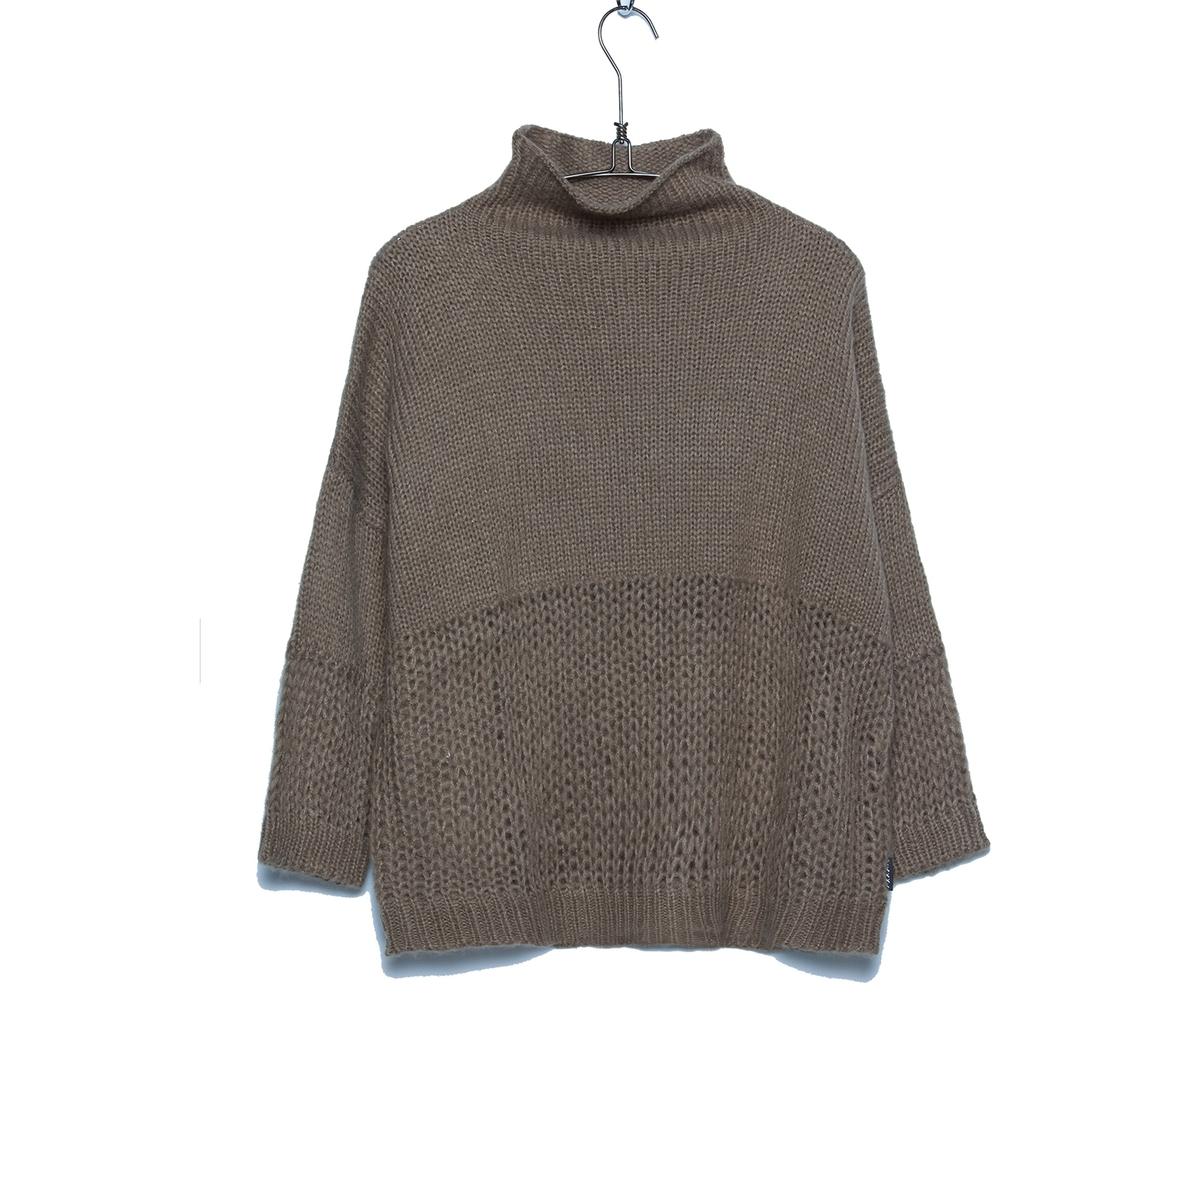 Пуловер с высоким воротником - PRISMAПуловер - PRISMA. Высокий воротник. Ажурная вставка под грудью.          Состав и описаниеМатериал: 97% акрила, 3% шерсти.     Марка: SCHOOL RAG.<br><br>Цвет: хаки,черный<br>Размер: XS.XS